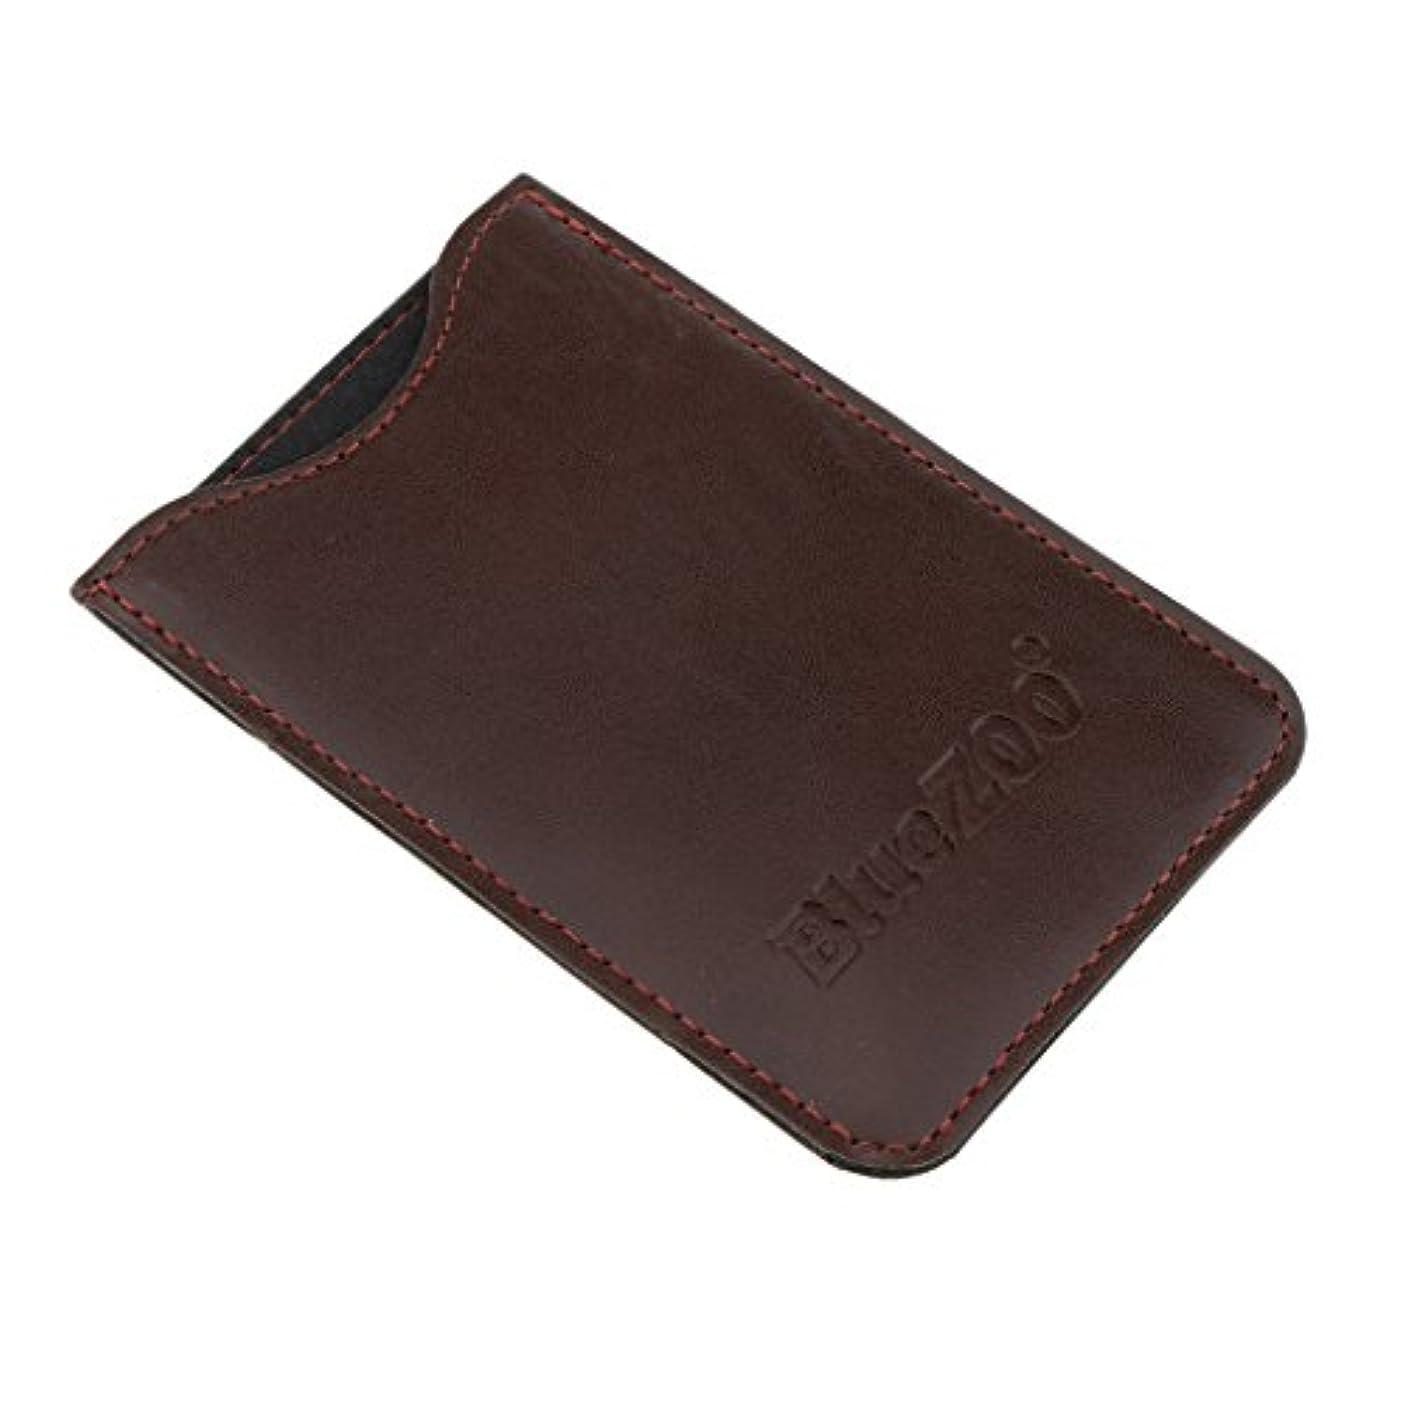 バイナリ受ける一部Homyl 収納パック 収納ケース 保護カバー 櫛/名刺/IDカード/銀行カード 多機能 高品質 全2色  - 褐色